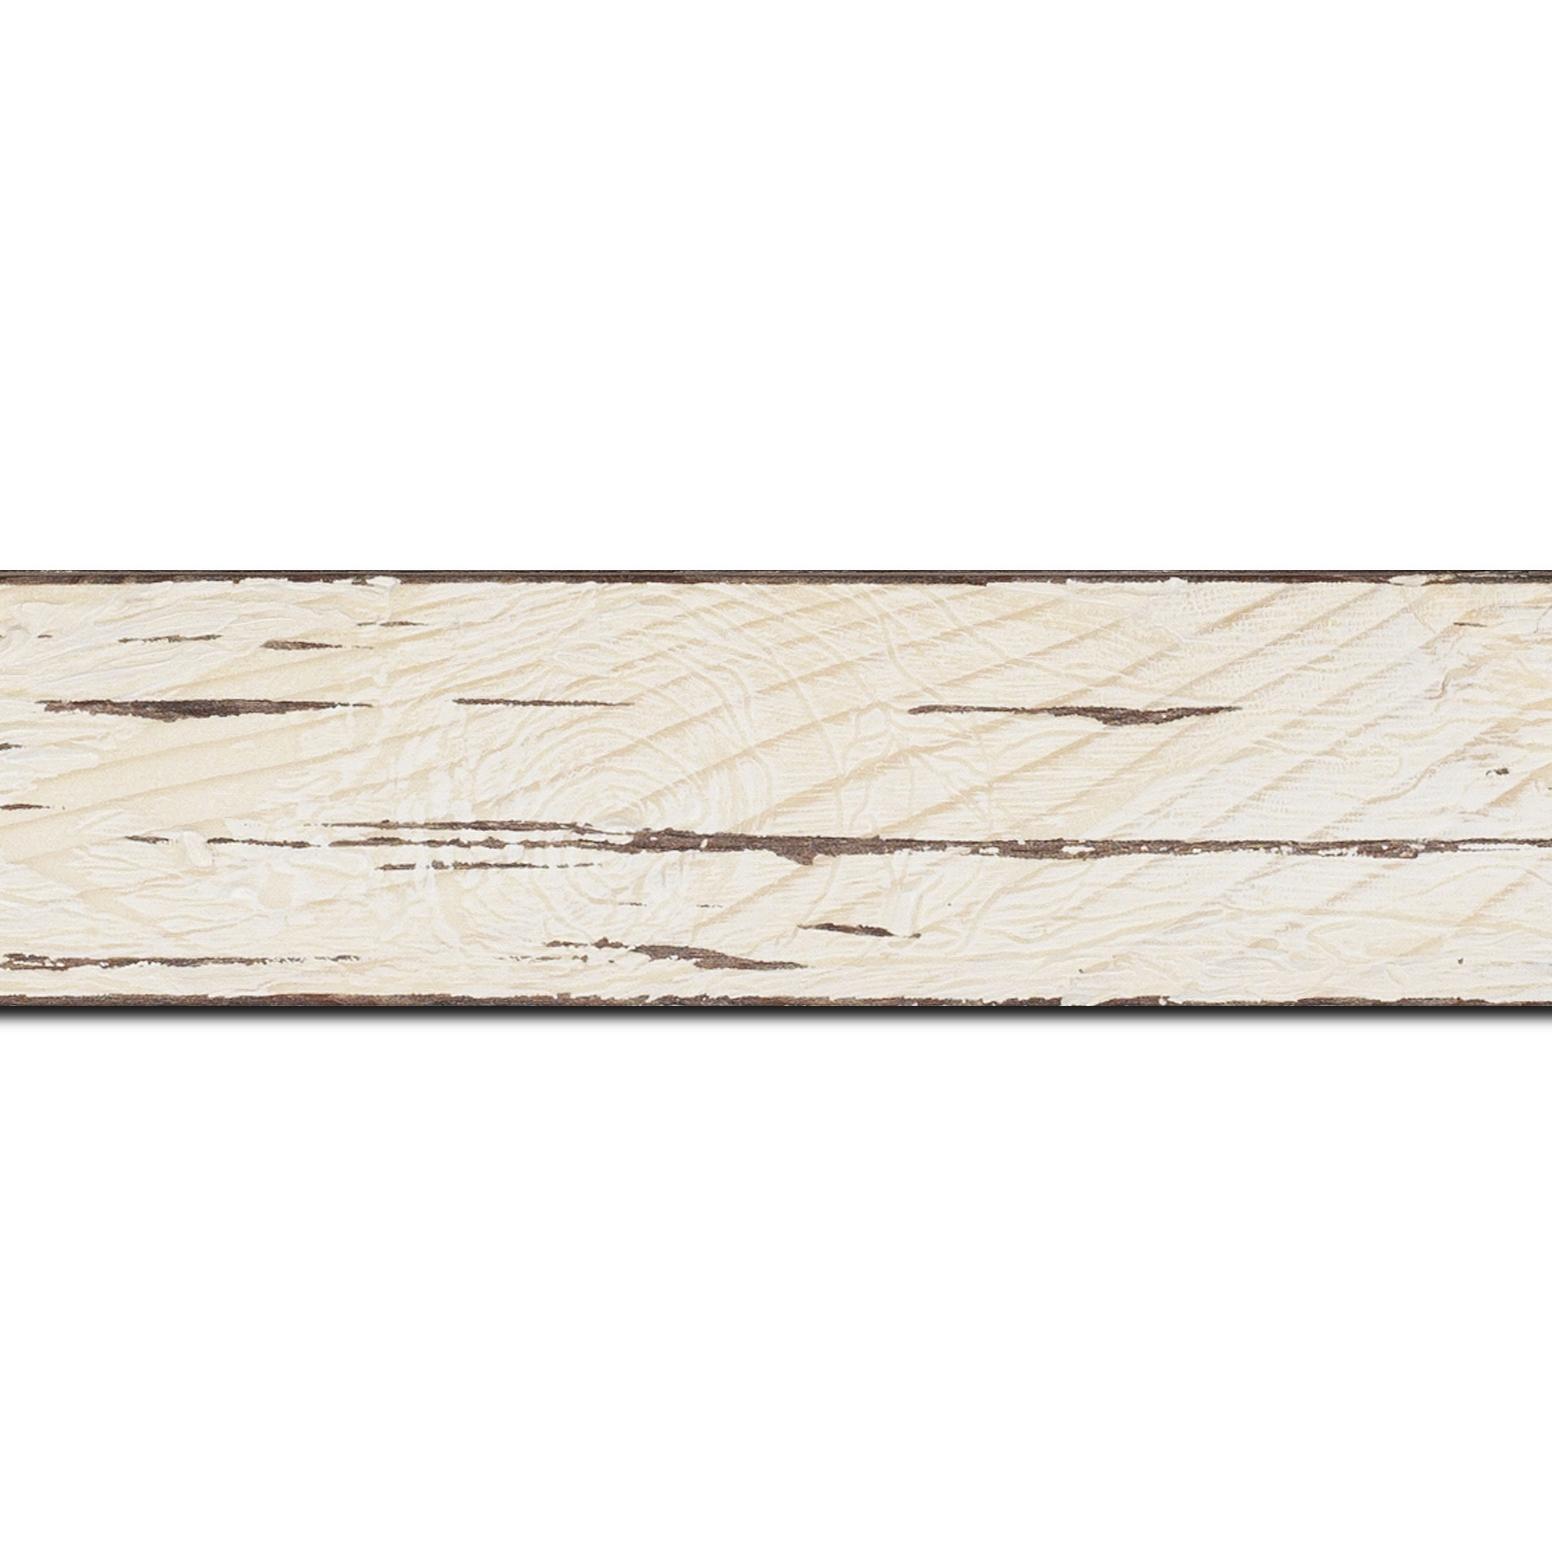 Pack par 12m, bois profil plat largeur 4.3cm couleur blanchie finition aspect vieilli antique (longueur baguette pouvant varier entre 2.40m et 3m selon arrivage des bois)